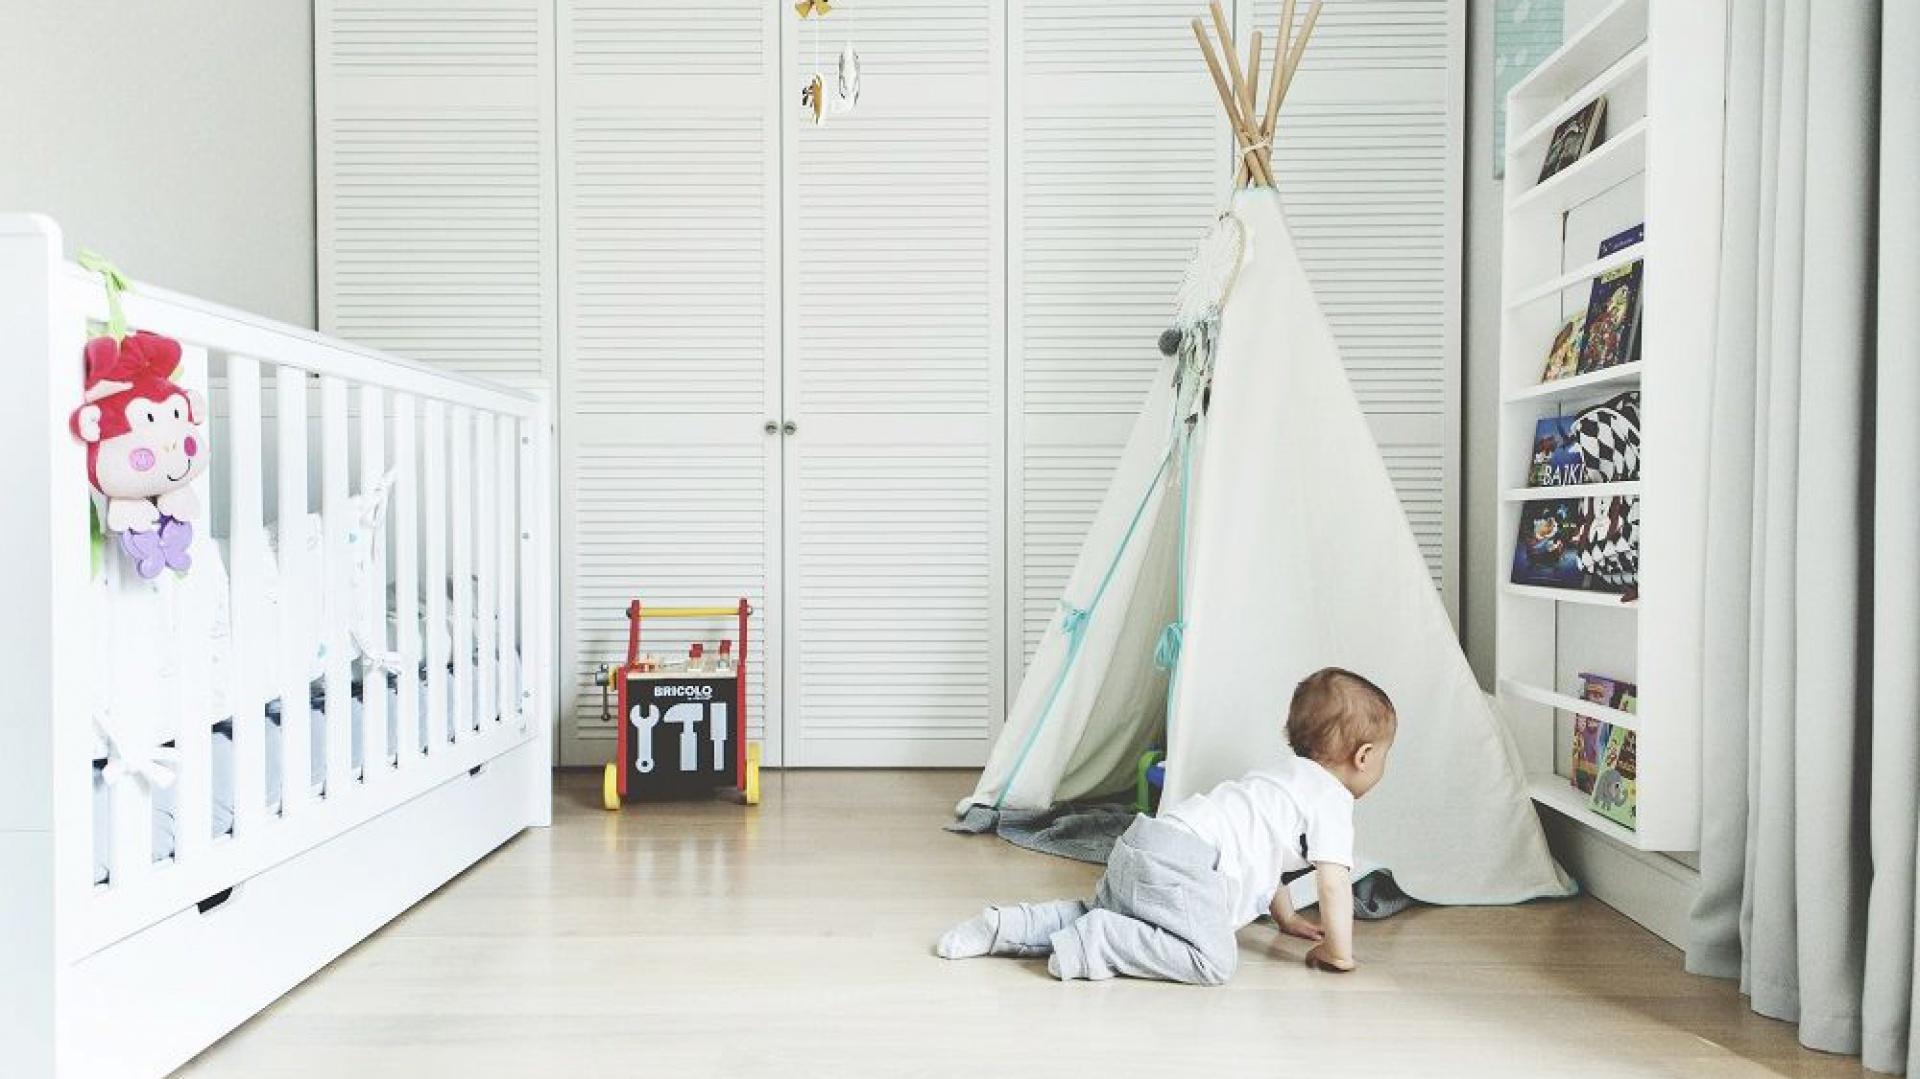 Styl skandynawski jest przemyślany i bardzo funkcjonalny. Jasny, minimalistyczny wystrój ma za zadanie rozjaśnić i ocieplić wnętrze, dzięki czemu w pokoju dziecka zawsze będzie dużo światła i przestrzeni. Fot. Pinio.